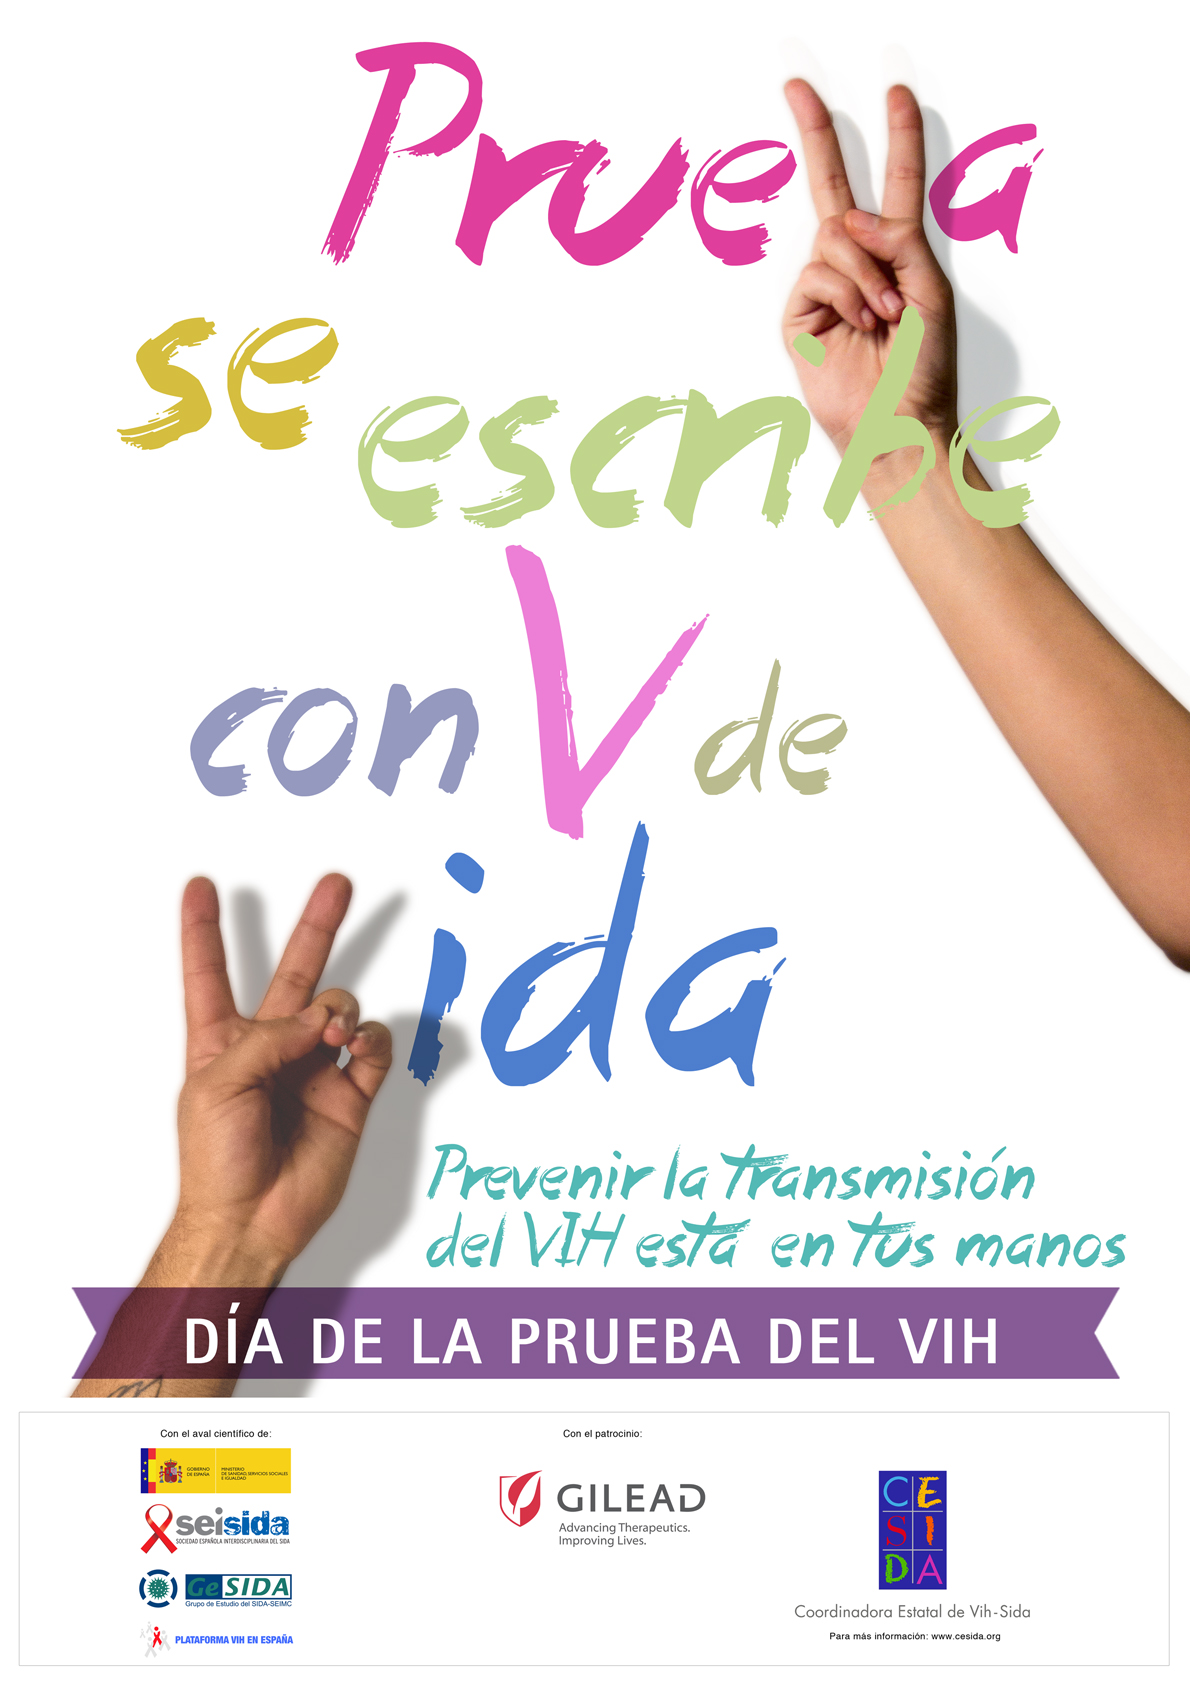 Campaña 2013 del Día de la Prueba del VIH: 'PrueVa se escribe con V de Vida'